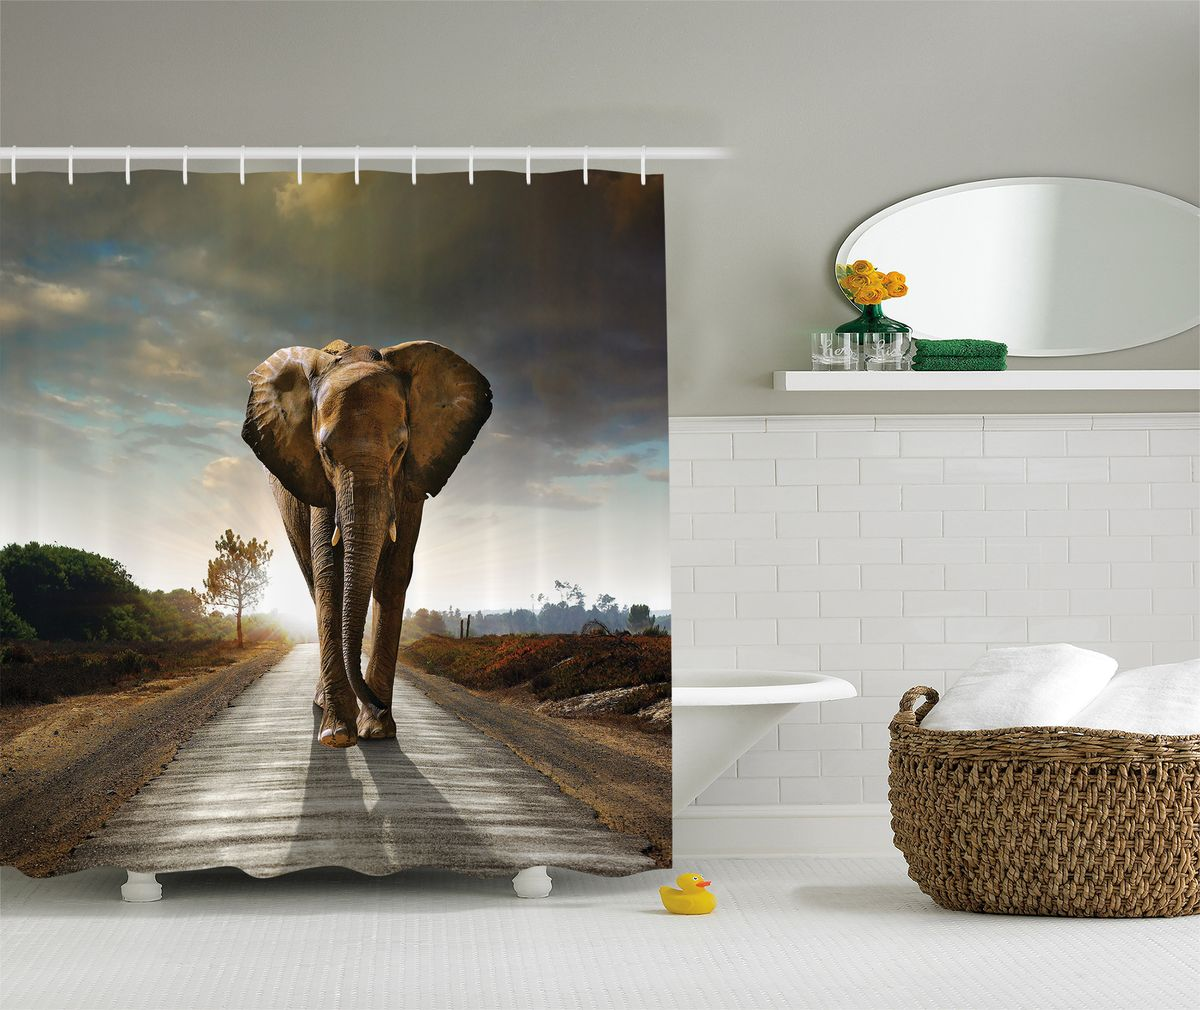 Штора для ванной комнаты Magic Lady Слон на пустынной дороге, 180 х 200 смшв_7569Штора Magic Lady Слон на пустынной дороге, изготовленная из высококачественного сатена (полиэстер 100%), отлично дополнит любой интерьер ванной комнаты. При изготовлении используются специальные гипоаллергенные чернила для прямой печати по ткани, безопасные для человека.В комплекте: 1 штора, 12 крючков. Обращаем ваше внимание, фактический цвет изделия может незначительно отличаться от представленного на фото.